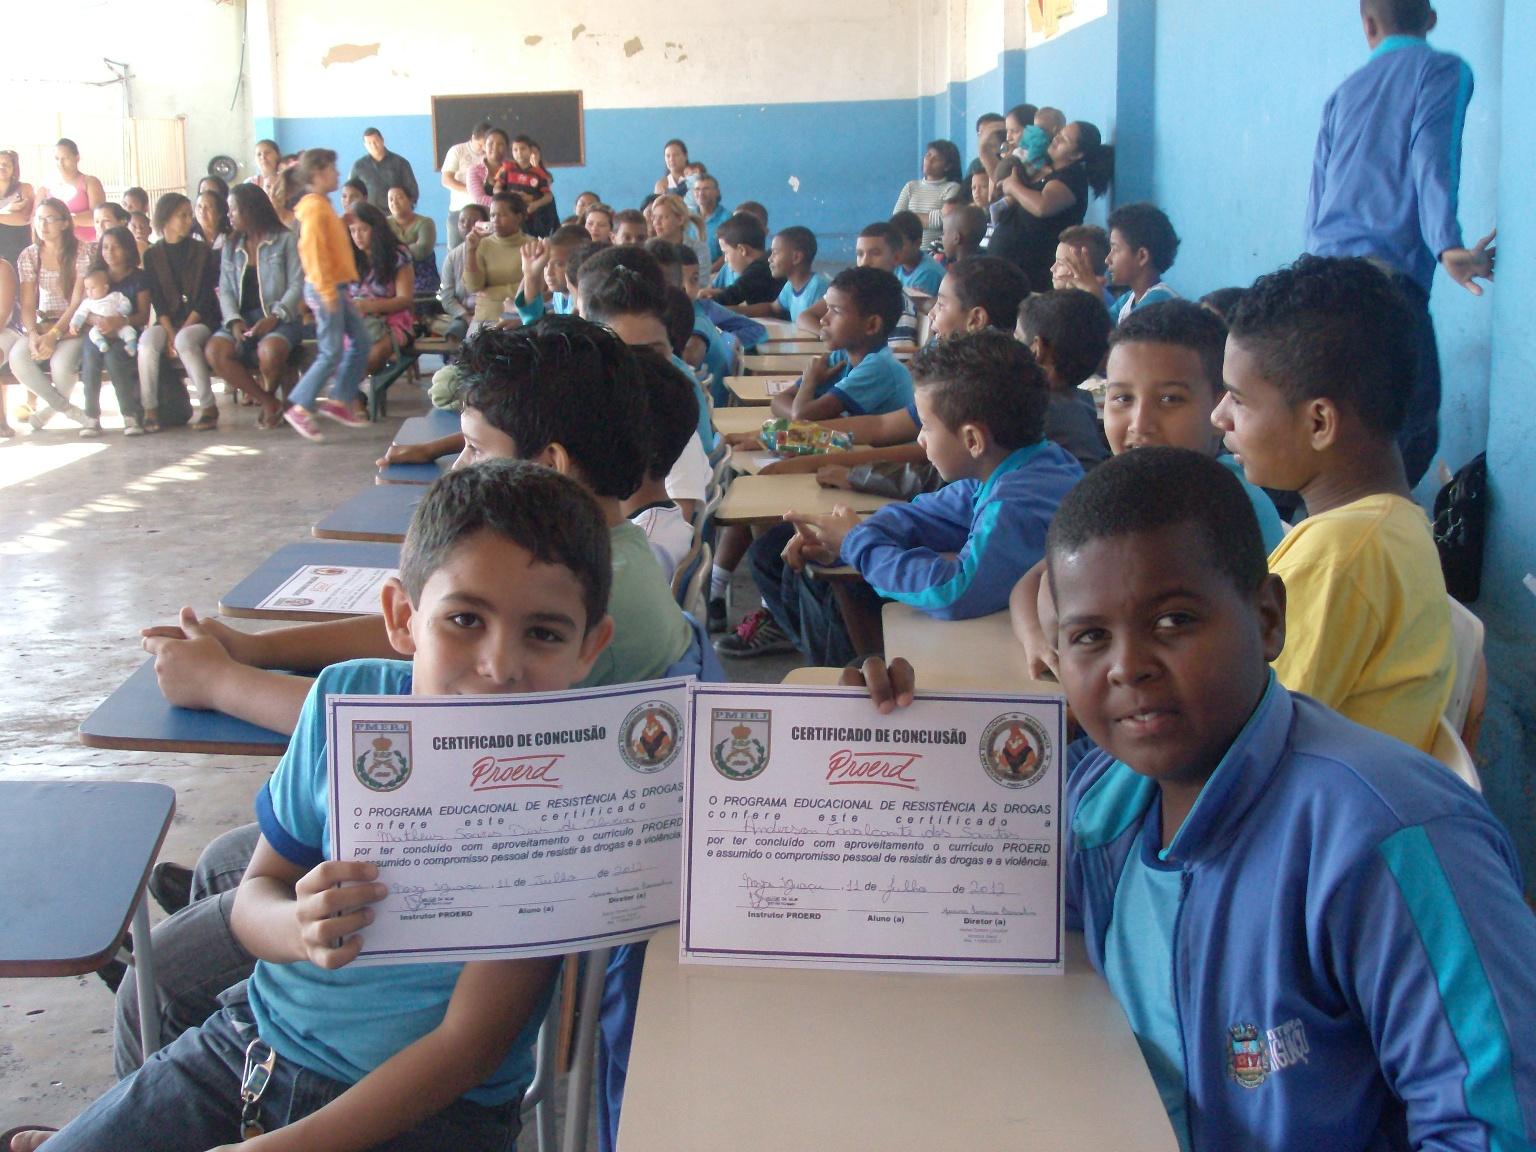 http://1.bp.blogspot.com/-g5i4TifGh2c/T_8WVIJ4zBI/AAAAAAAAAss/QNv2XKfLXWw/s1600/Proerd+Matheus+Soares+e+Anderson+Cavalcante.jpg